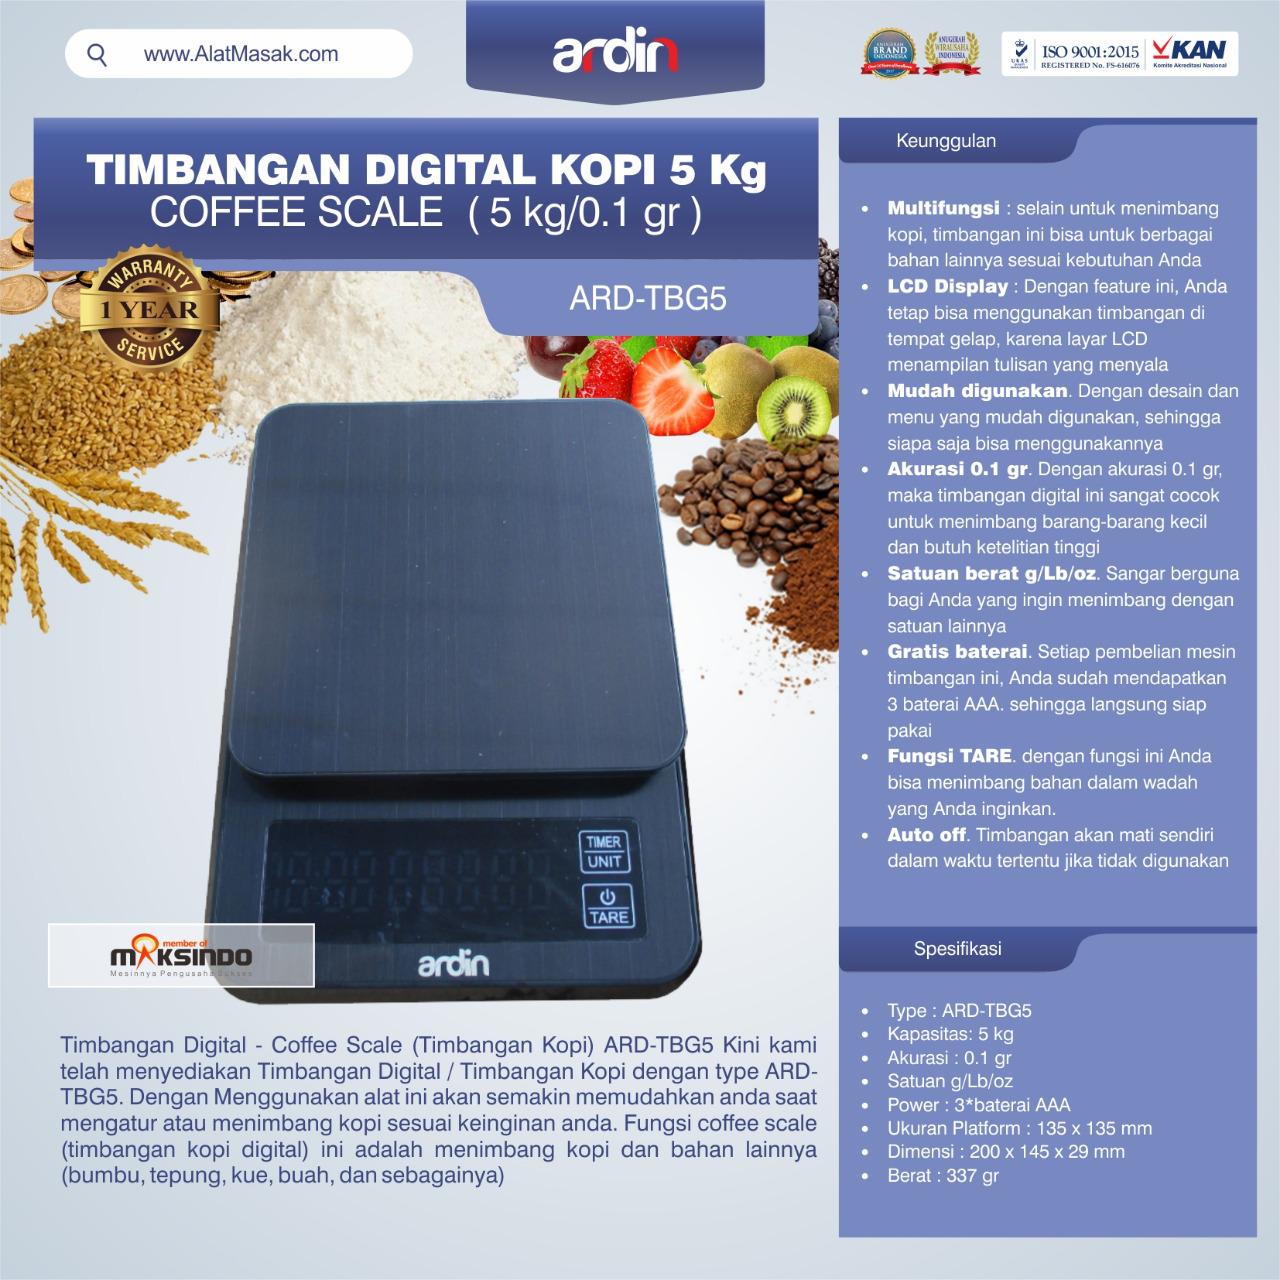 Jual Timbangan Digital Kopi 5 kg ARD-TBG5 (coffee scale) di Blitar